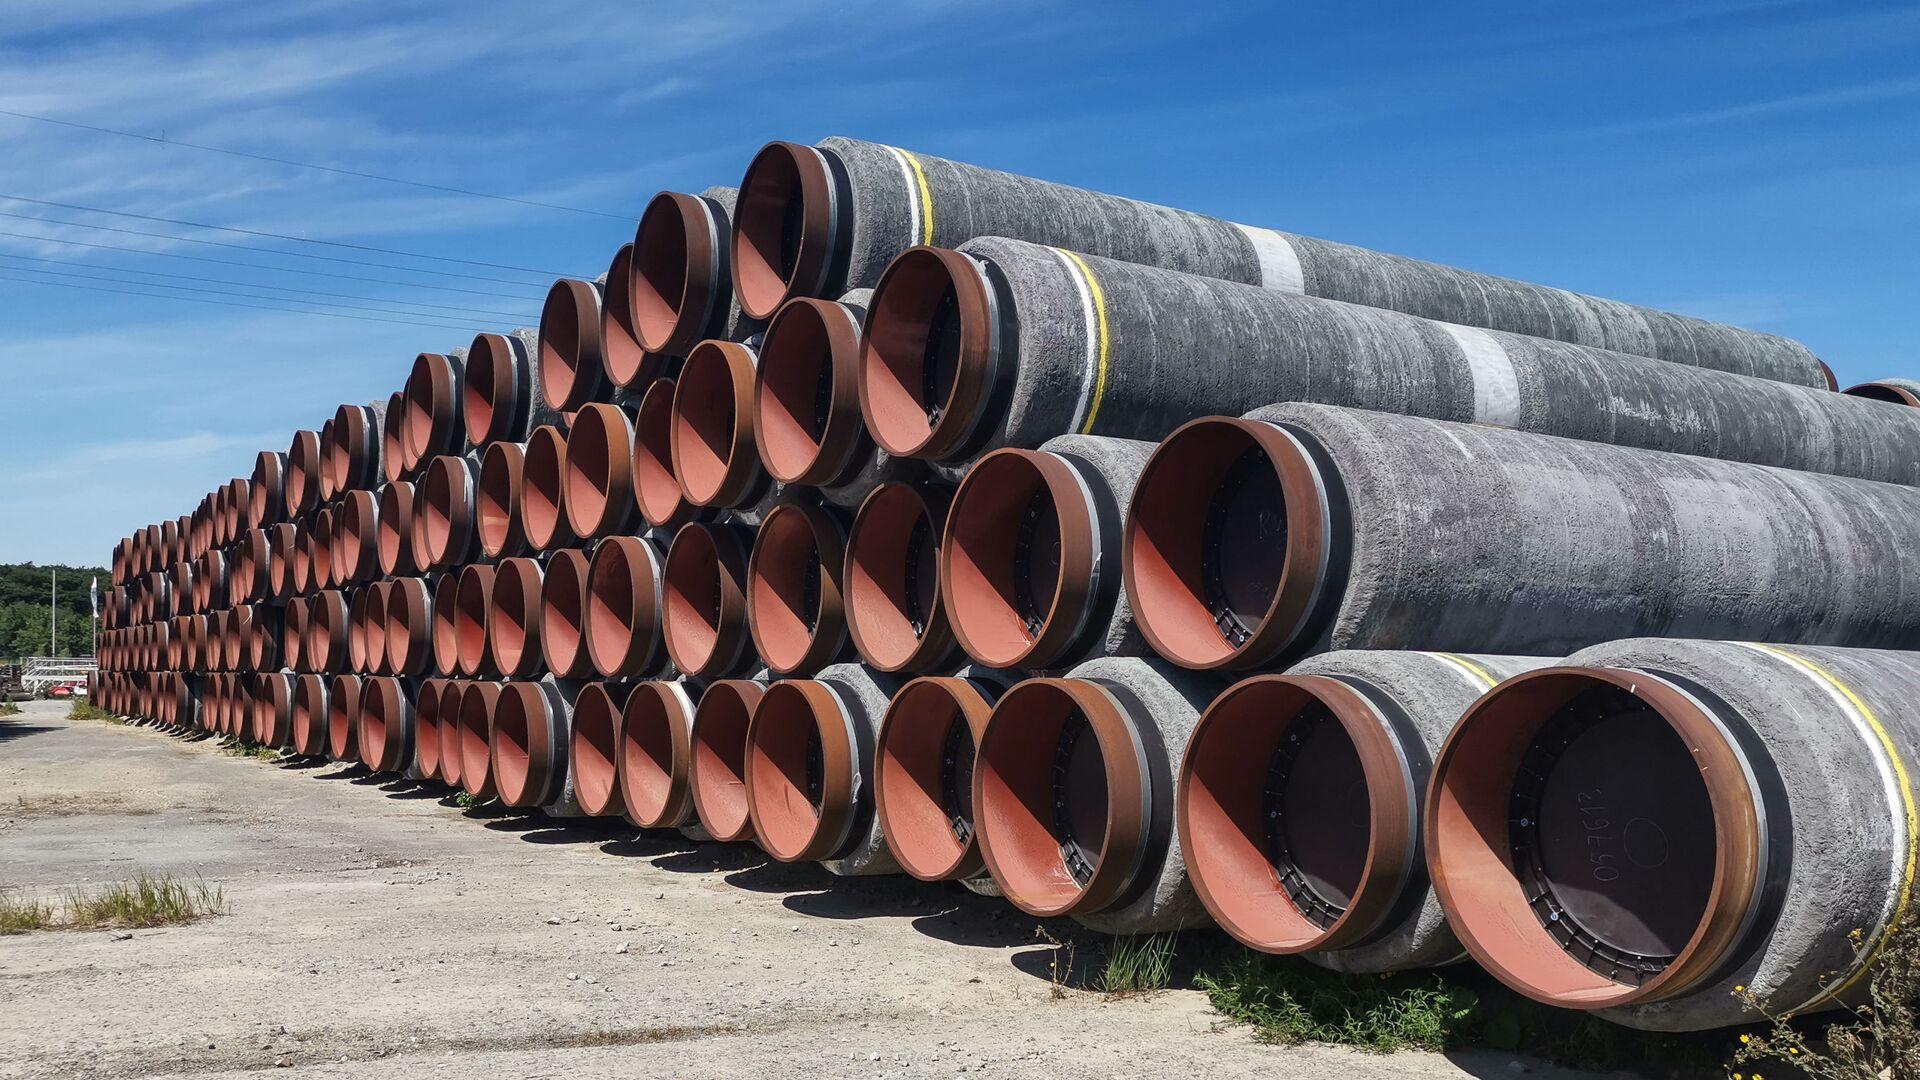 Tuberías para el gasoducto Nord Stream 2 - Sputnik Mundo, 1920, 03.03.2021